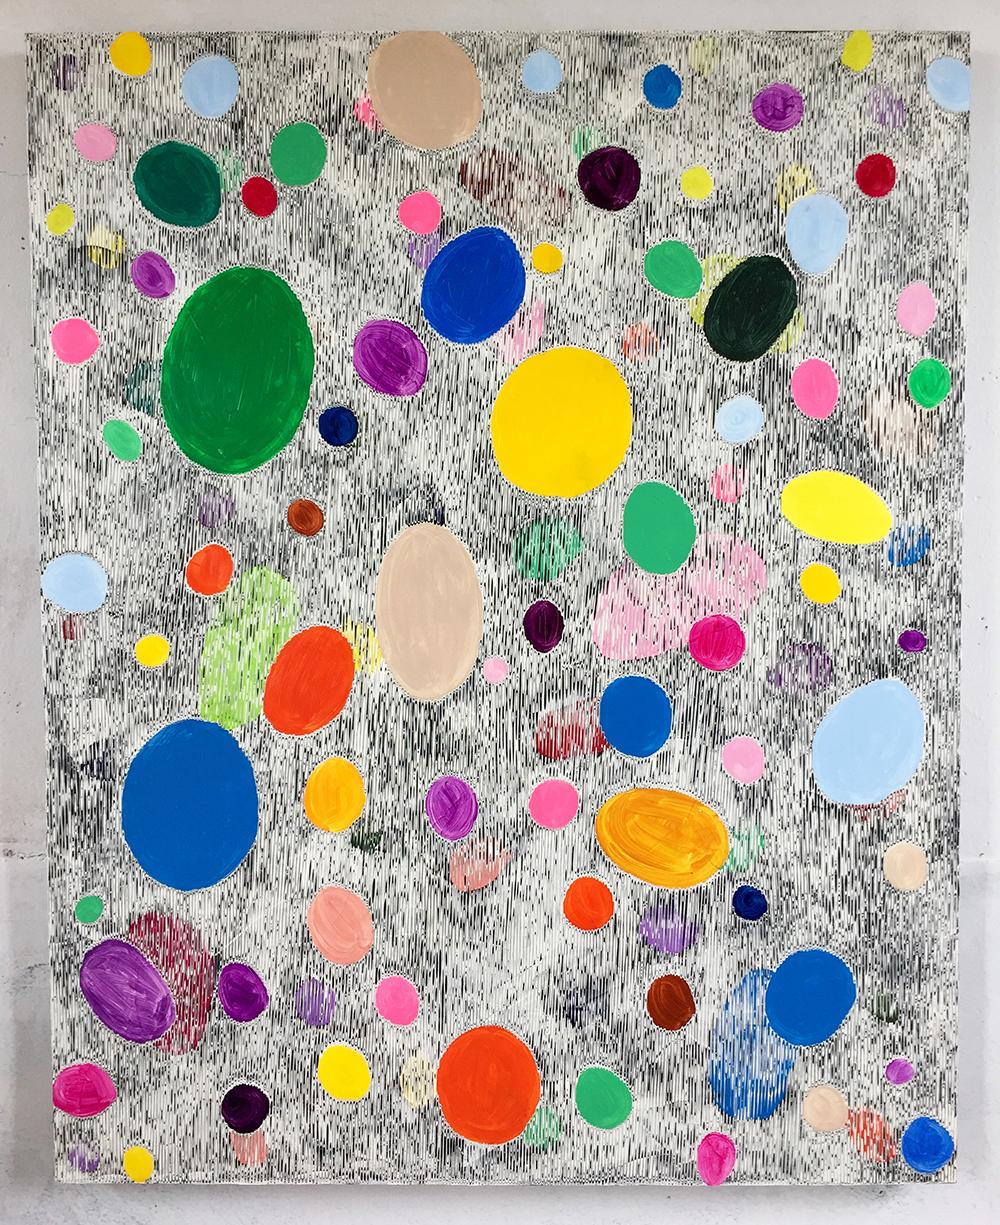 《绘画—鹅卵石4》150x120cm 2018年